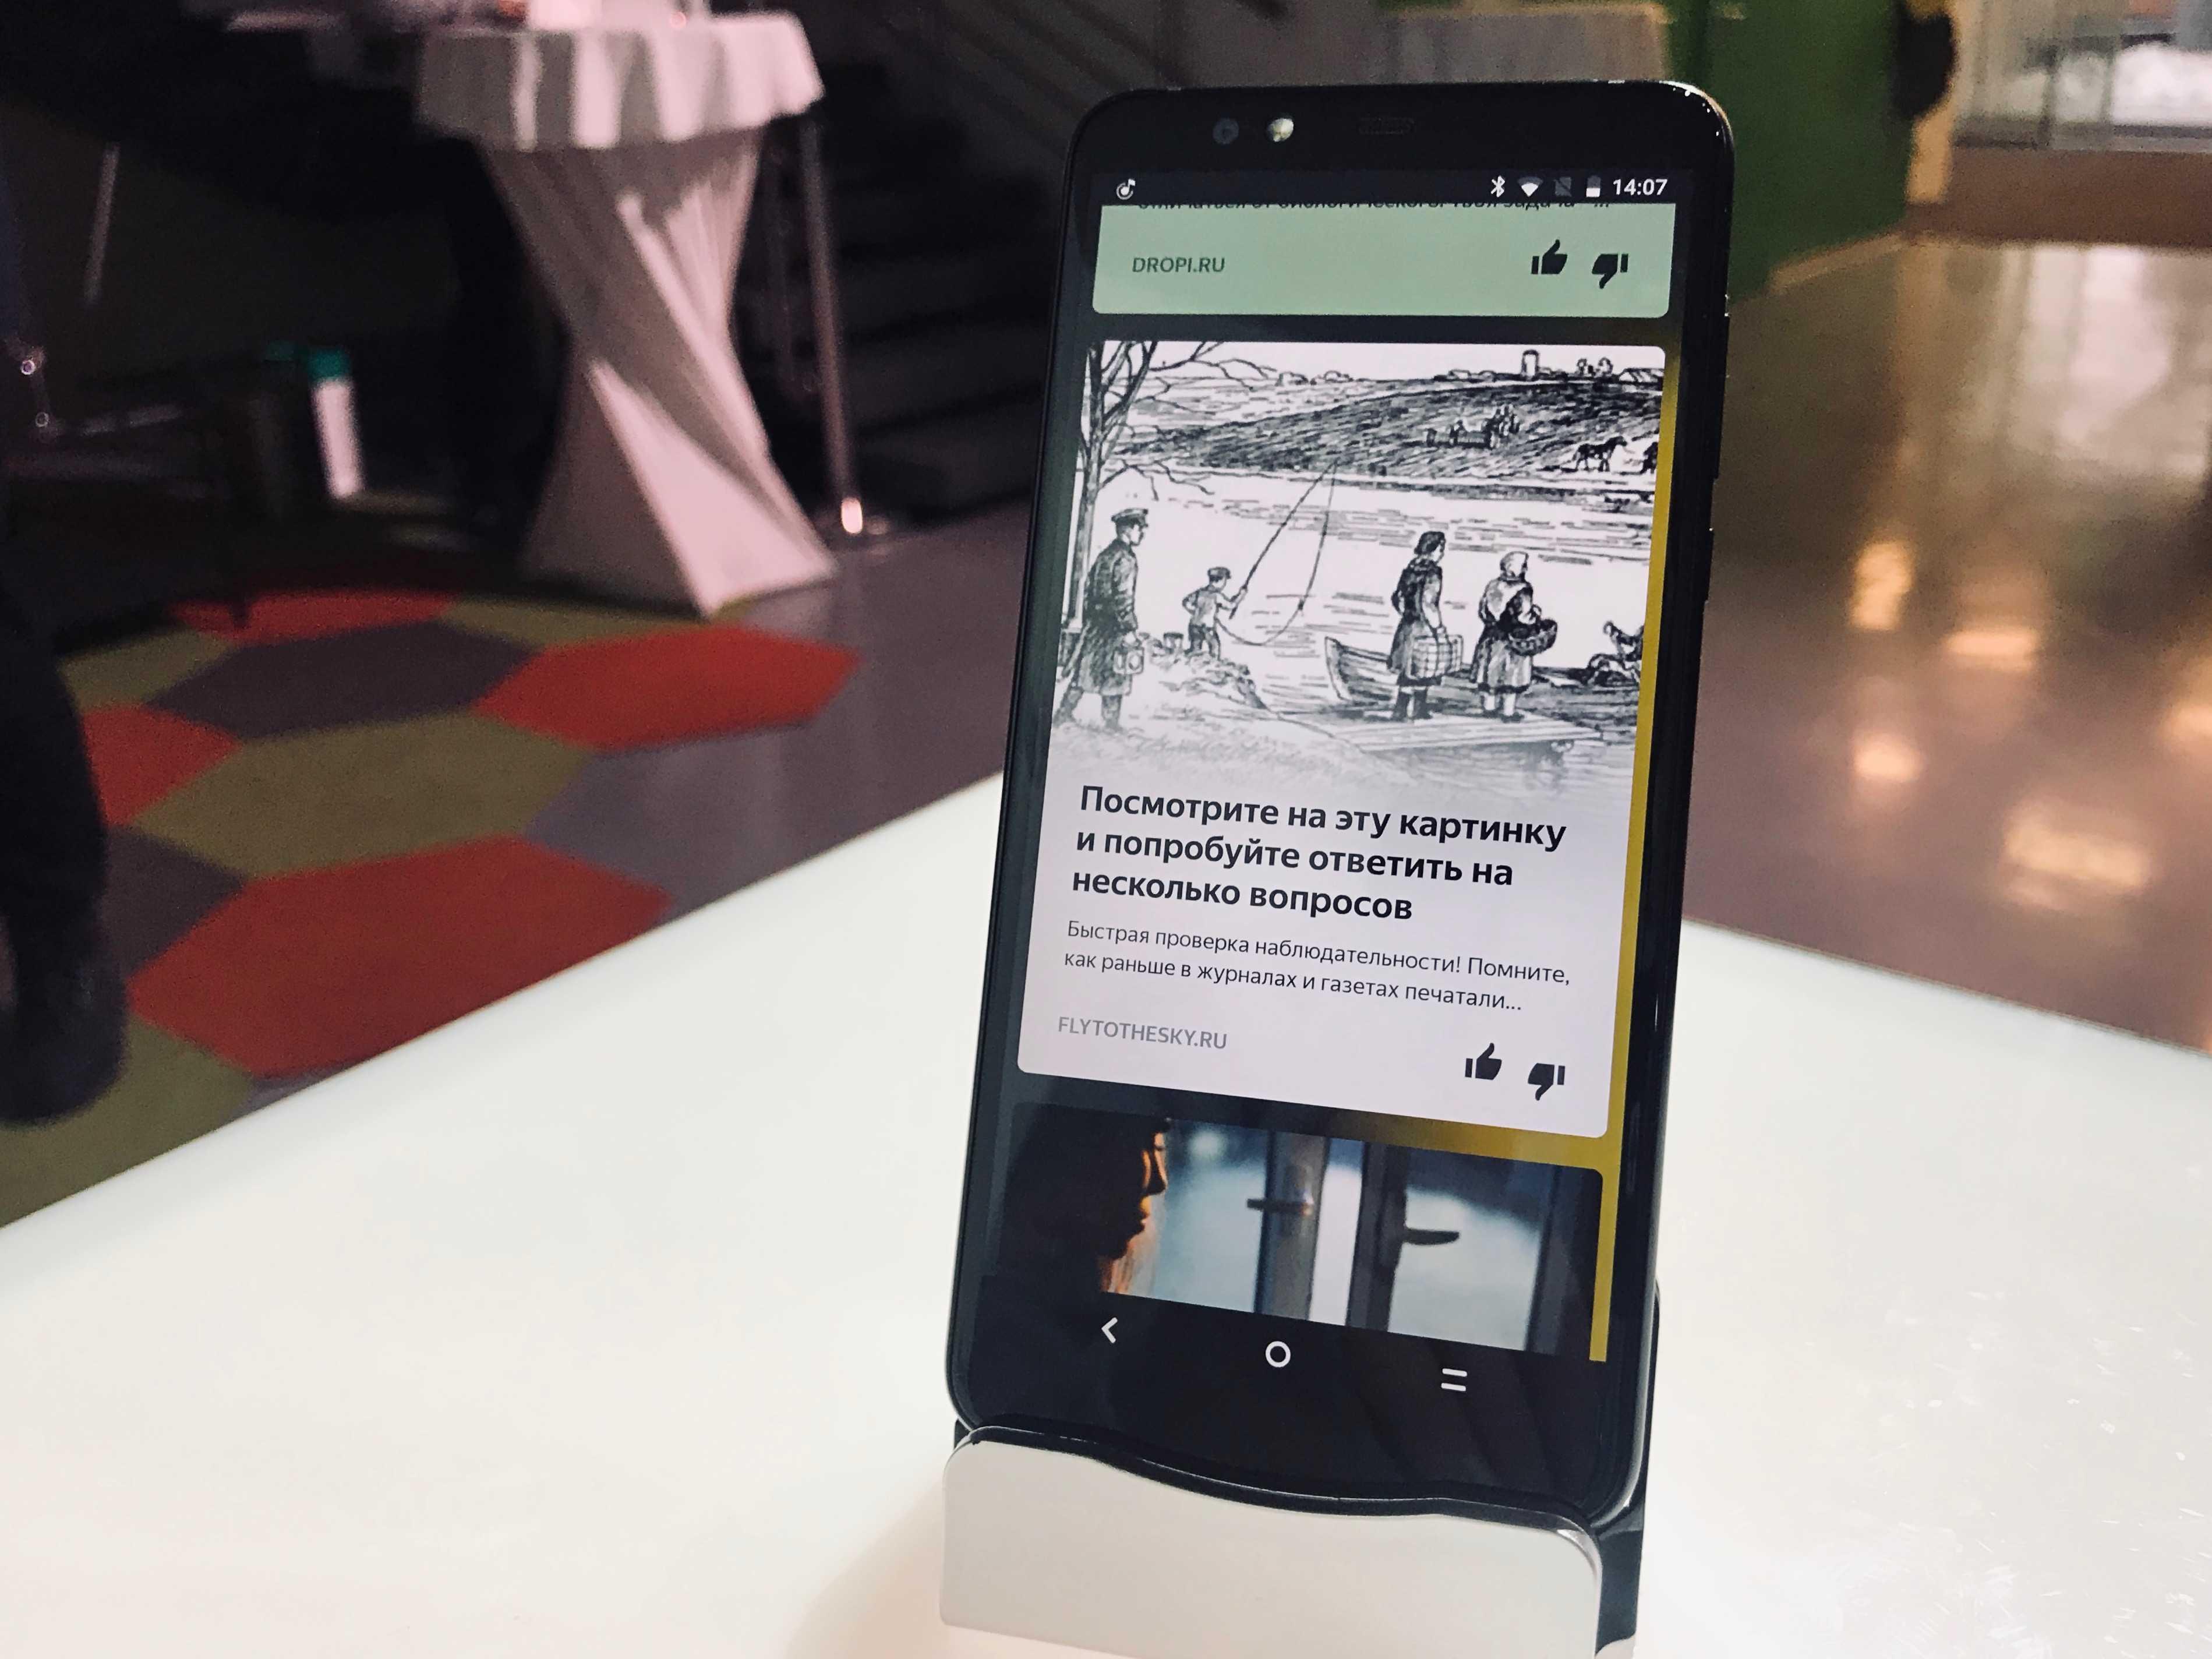 Миллионы android-смартфонов перестанут видеть половину интернета. решения проблемы нет - cnews